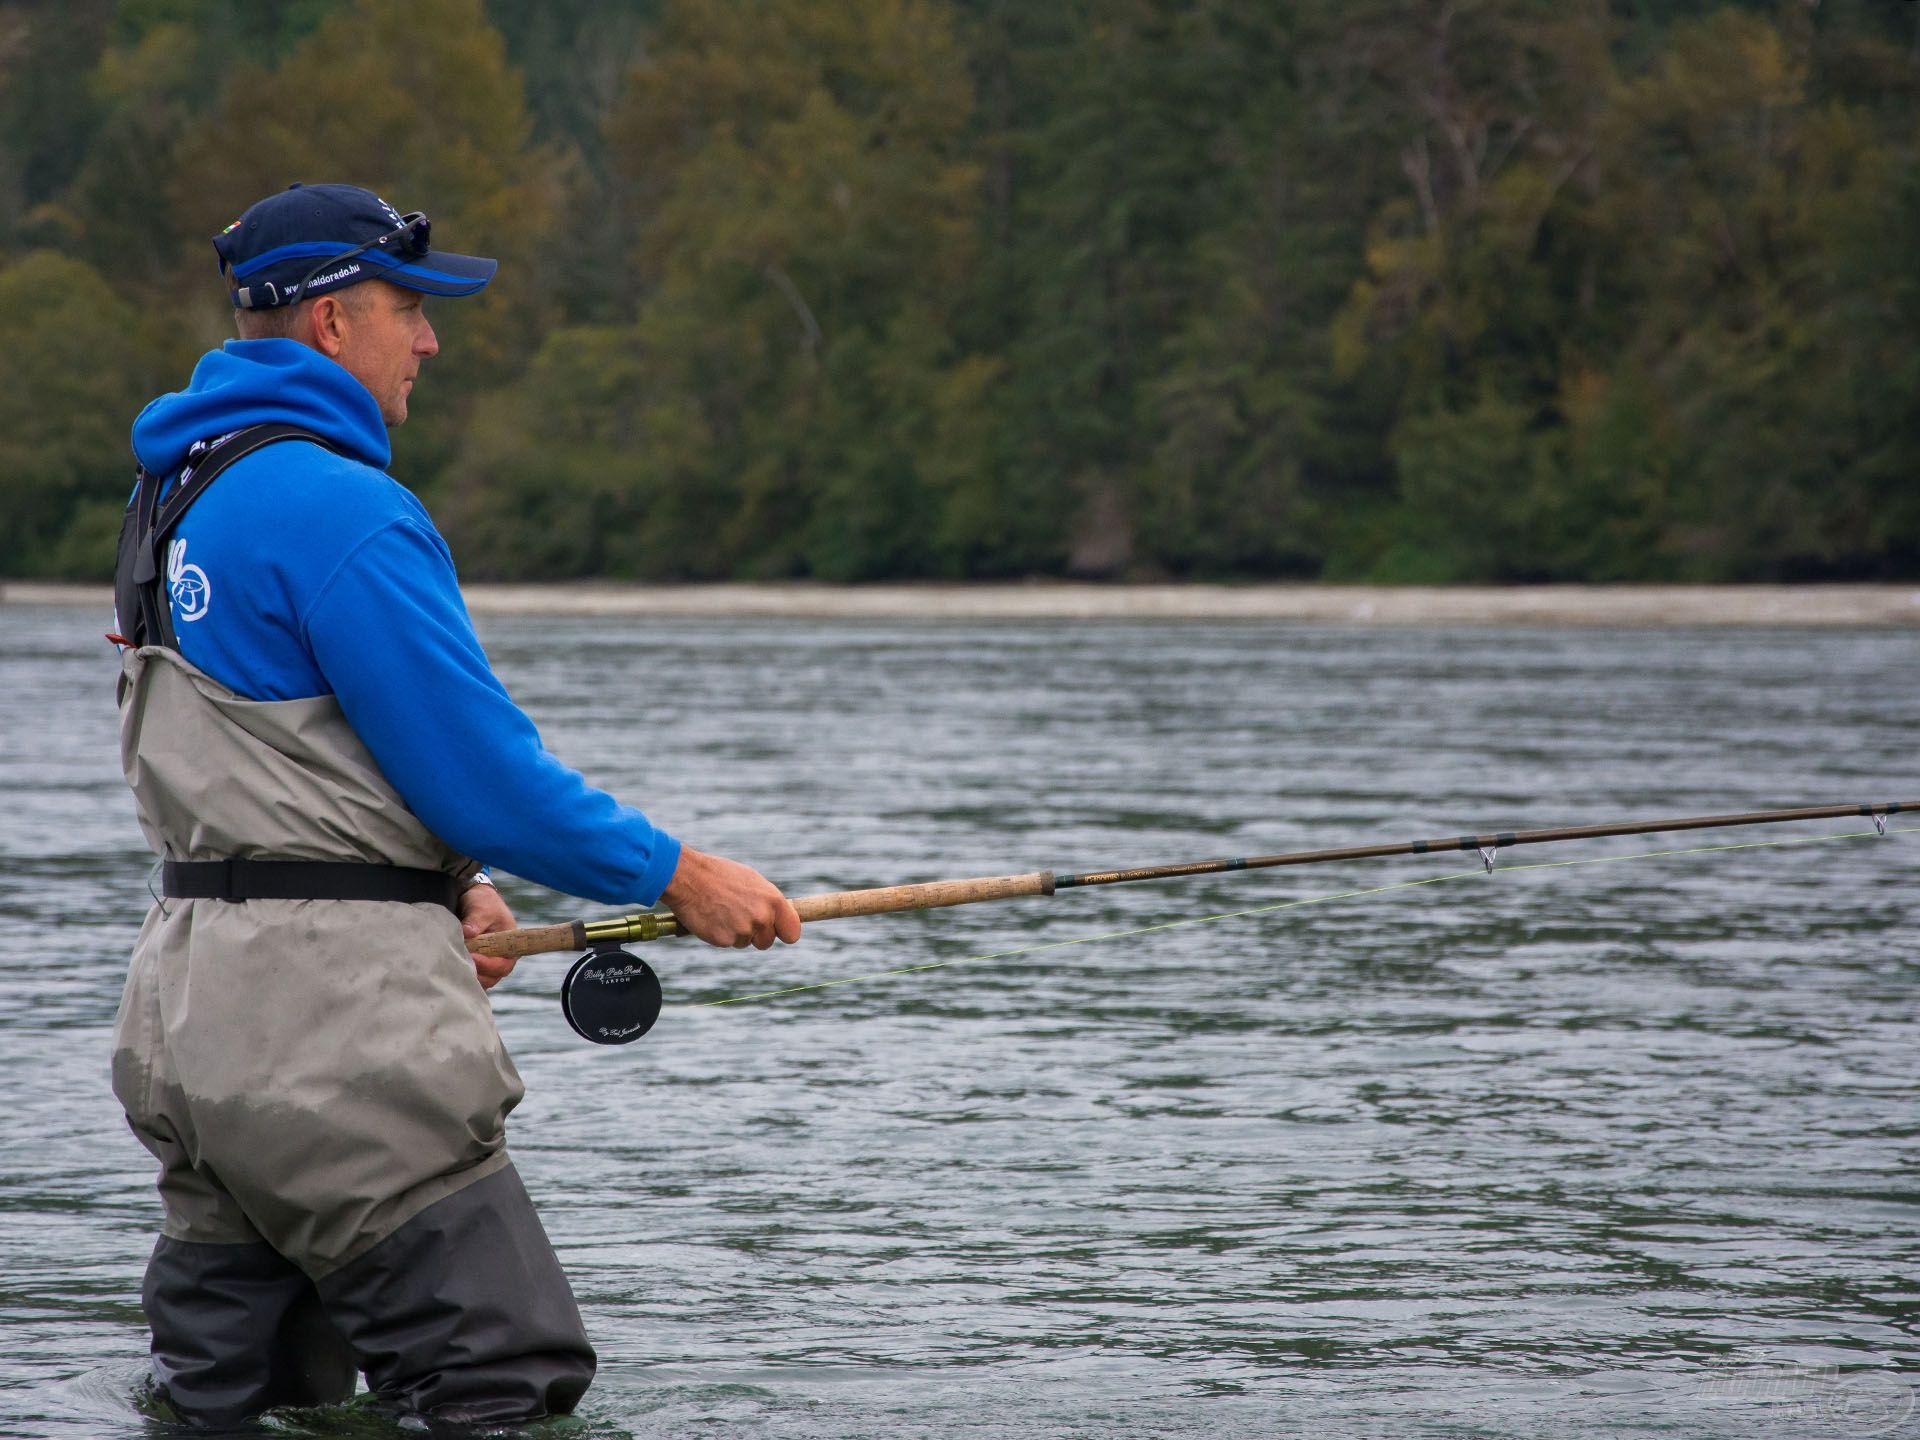 Valami hihetetlen erős természet-érzés fogja el az embert, amikor áll a rohanó vízben, a halak között